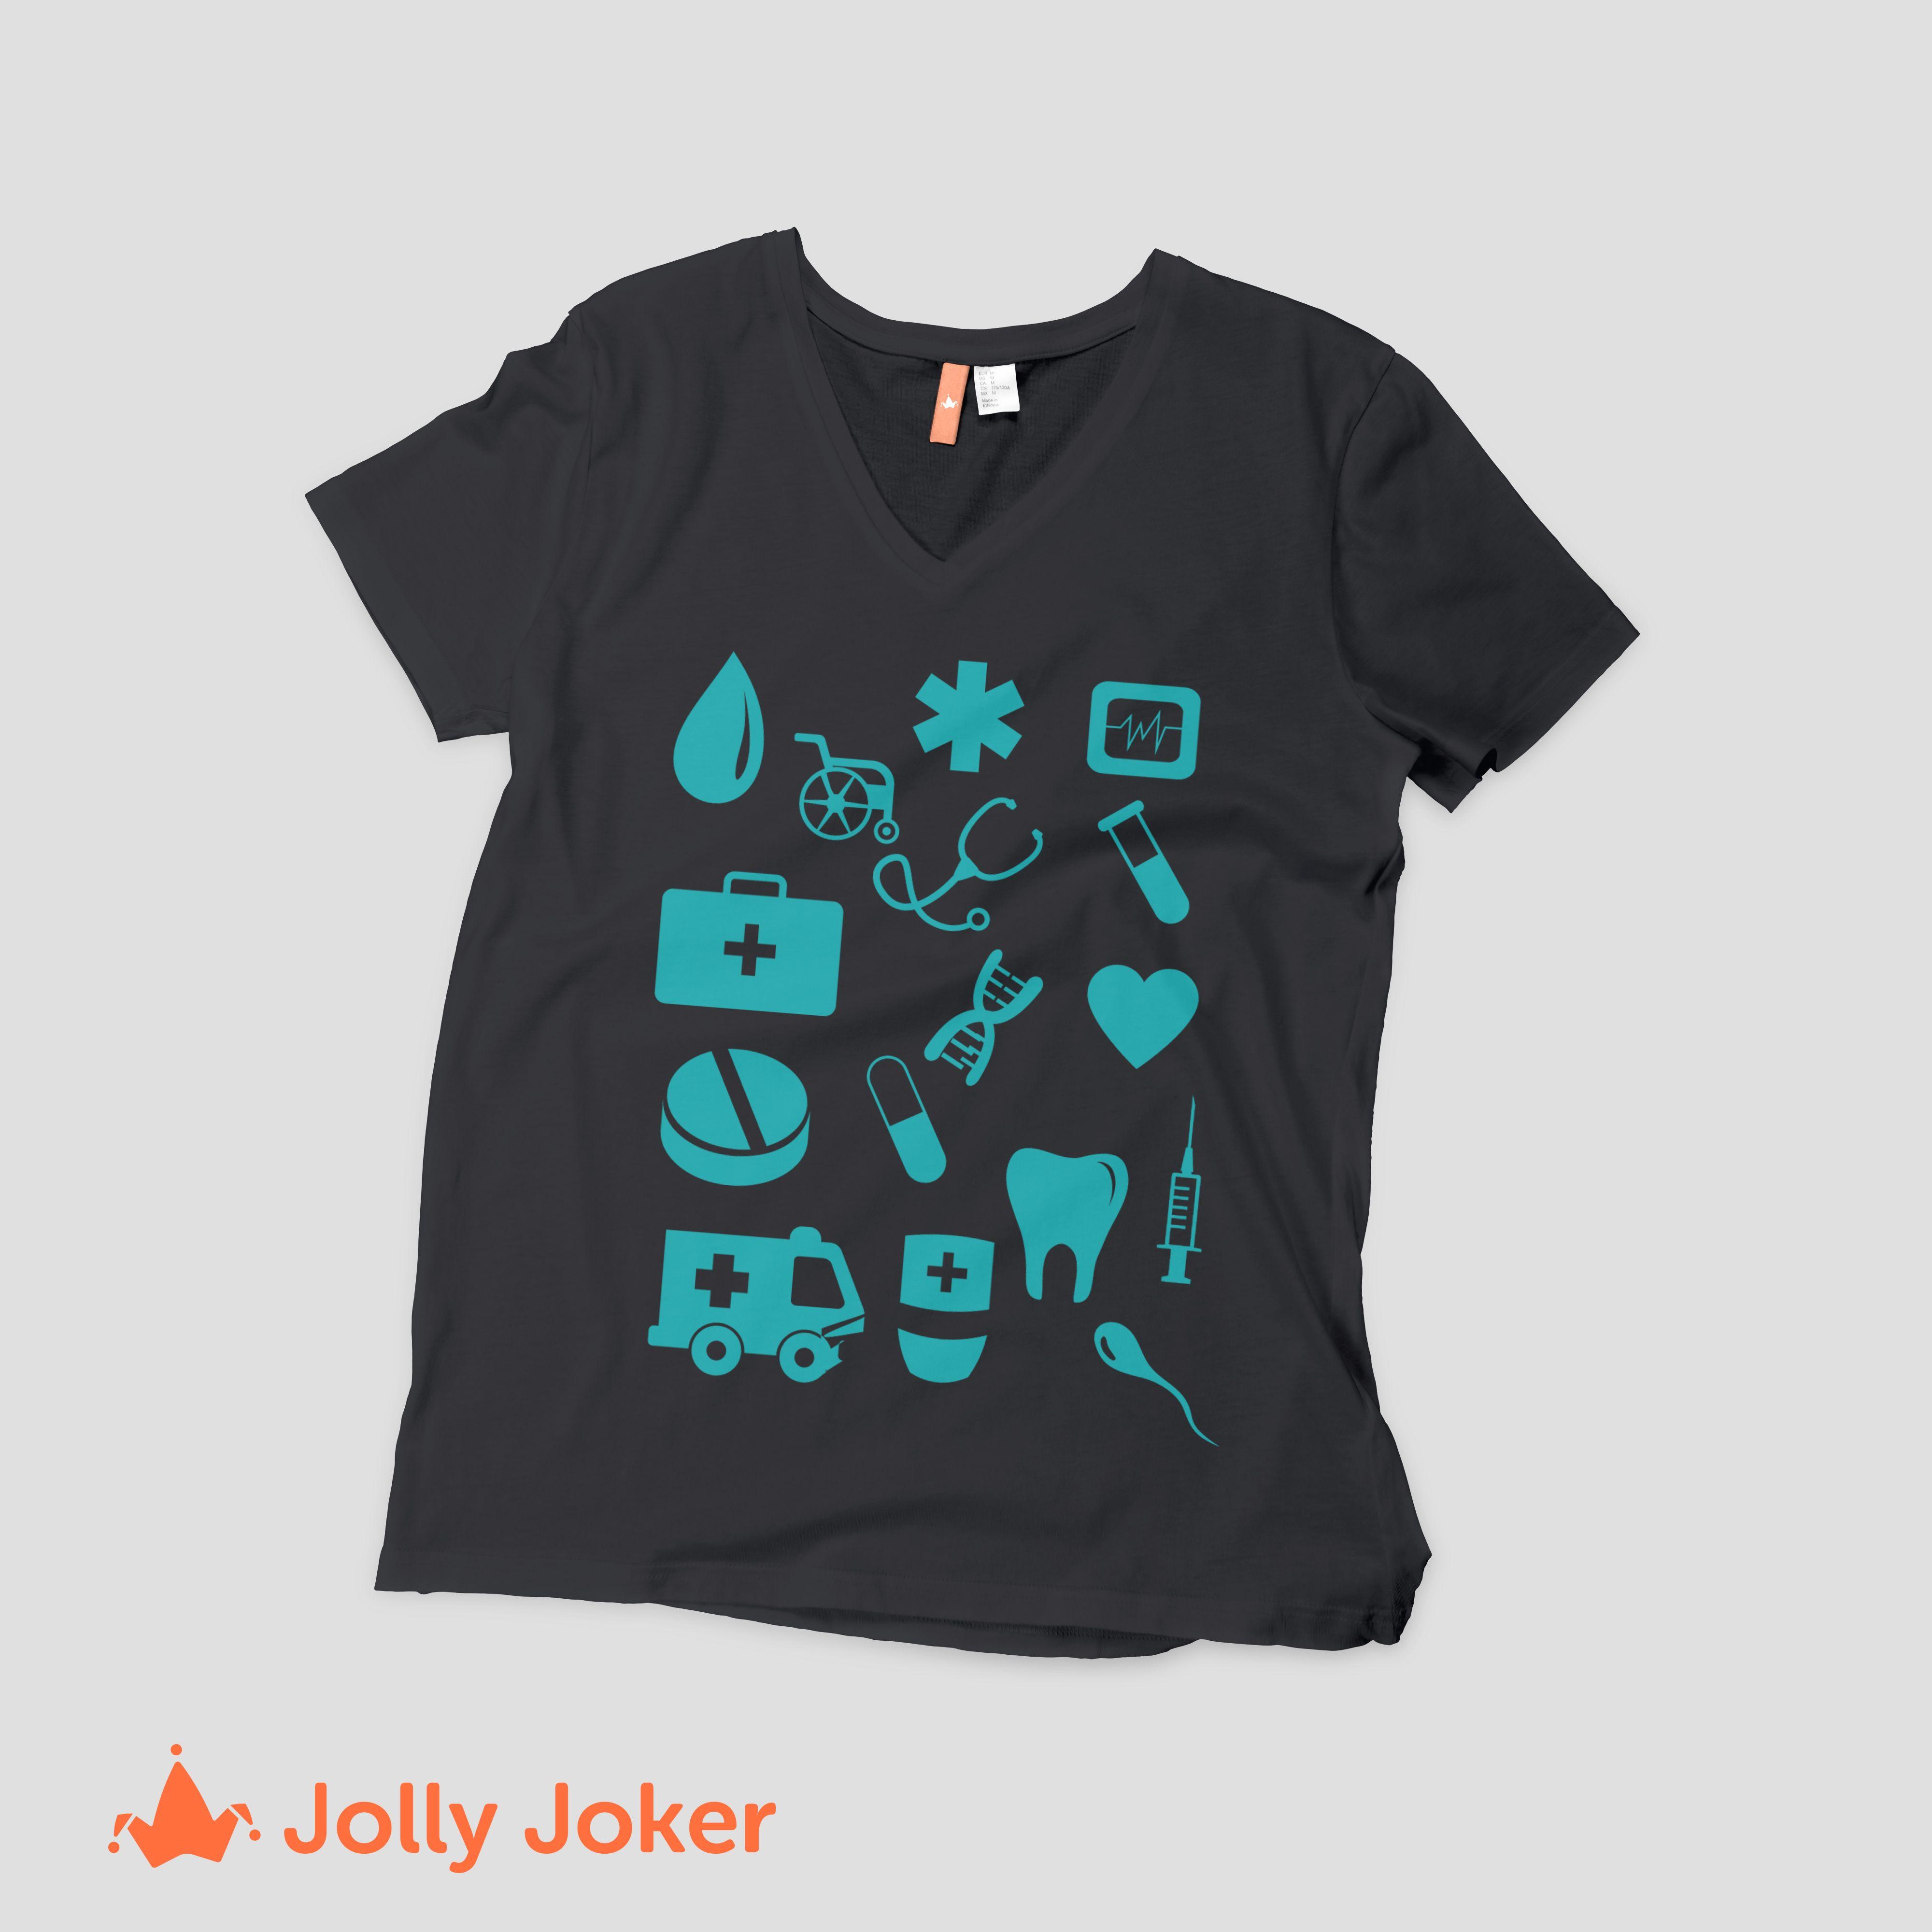 Jolly Joker te permite diseñar tus camisetas exactamente cómo deseas en  nuestro diseñador en línea. Estampado de camisetas de Enfermería aquí  jollyjoker.co f5a21bd03bf25